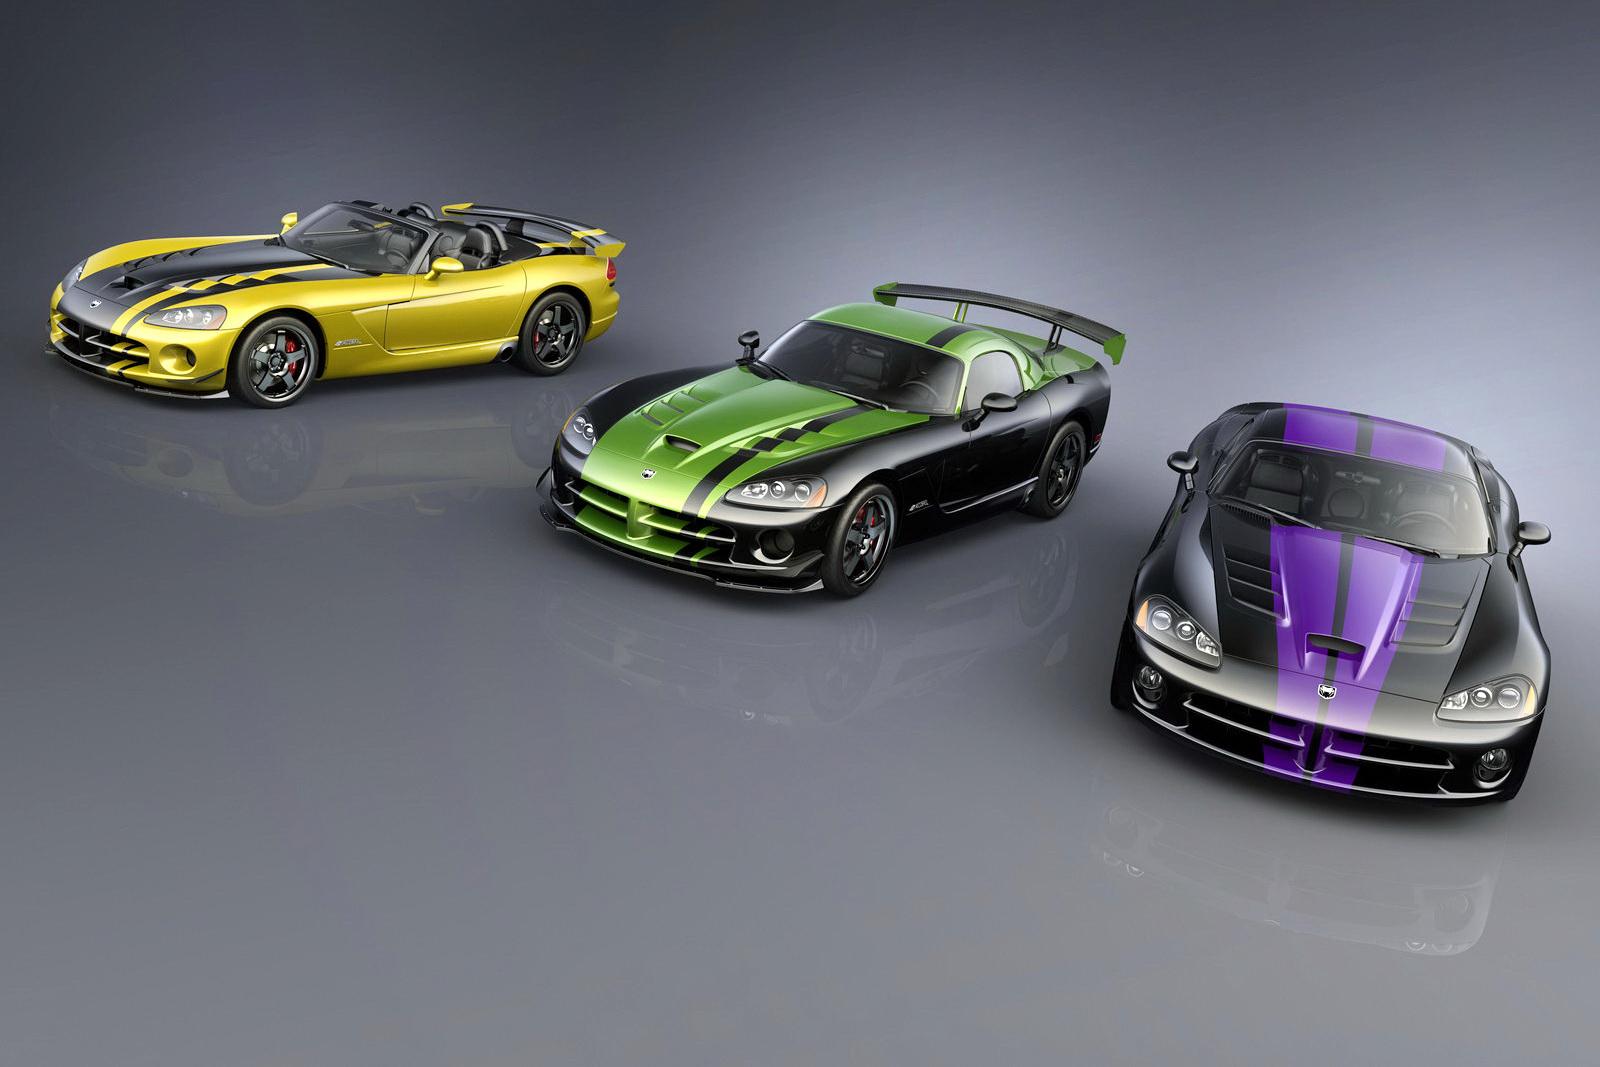 http://3.bp.blogspot.com/_FoXyvaPSnVk/TA6gItSAqAI/AAAAAAAC7uE/nk7fJ9z-ONs/s1600/2010-Dodge-Viper-Dealer-Special-1.JPG